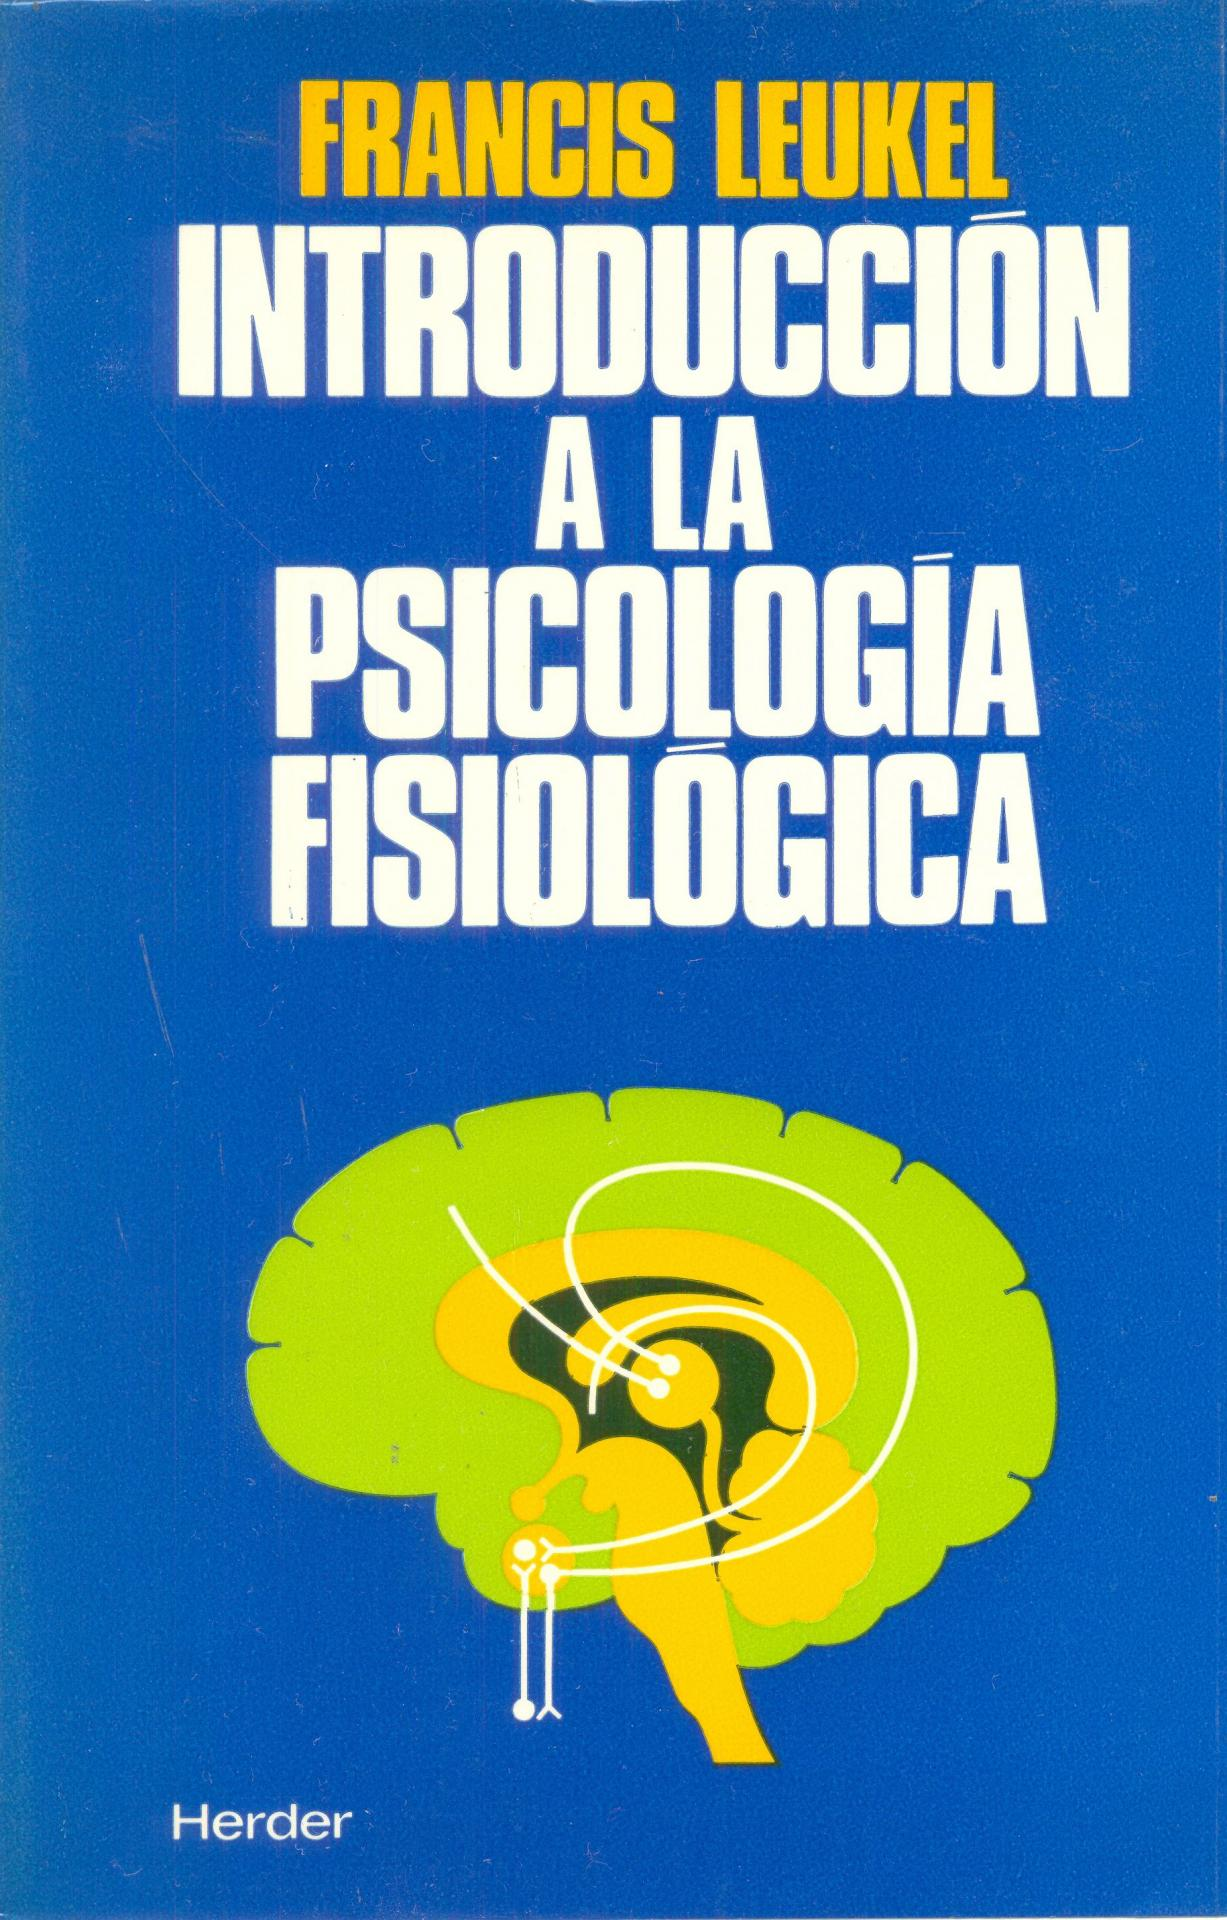 INTRODUCCIÓN A LA PSICOLOGÍA FISIOLÓGICA.  Leukel, F.